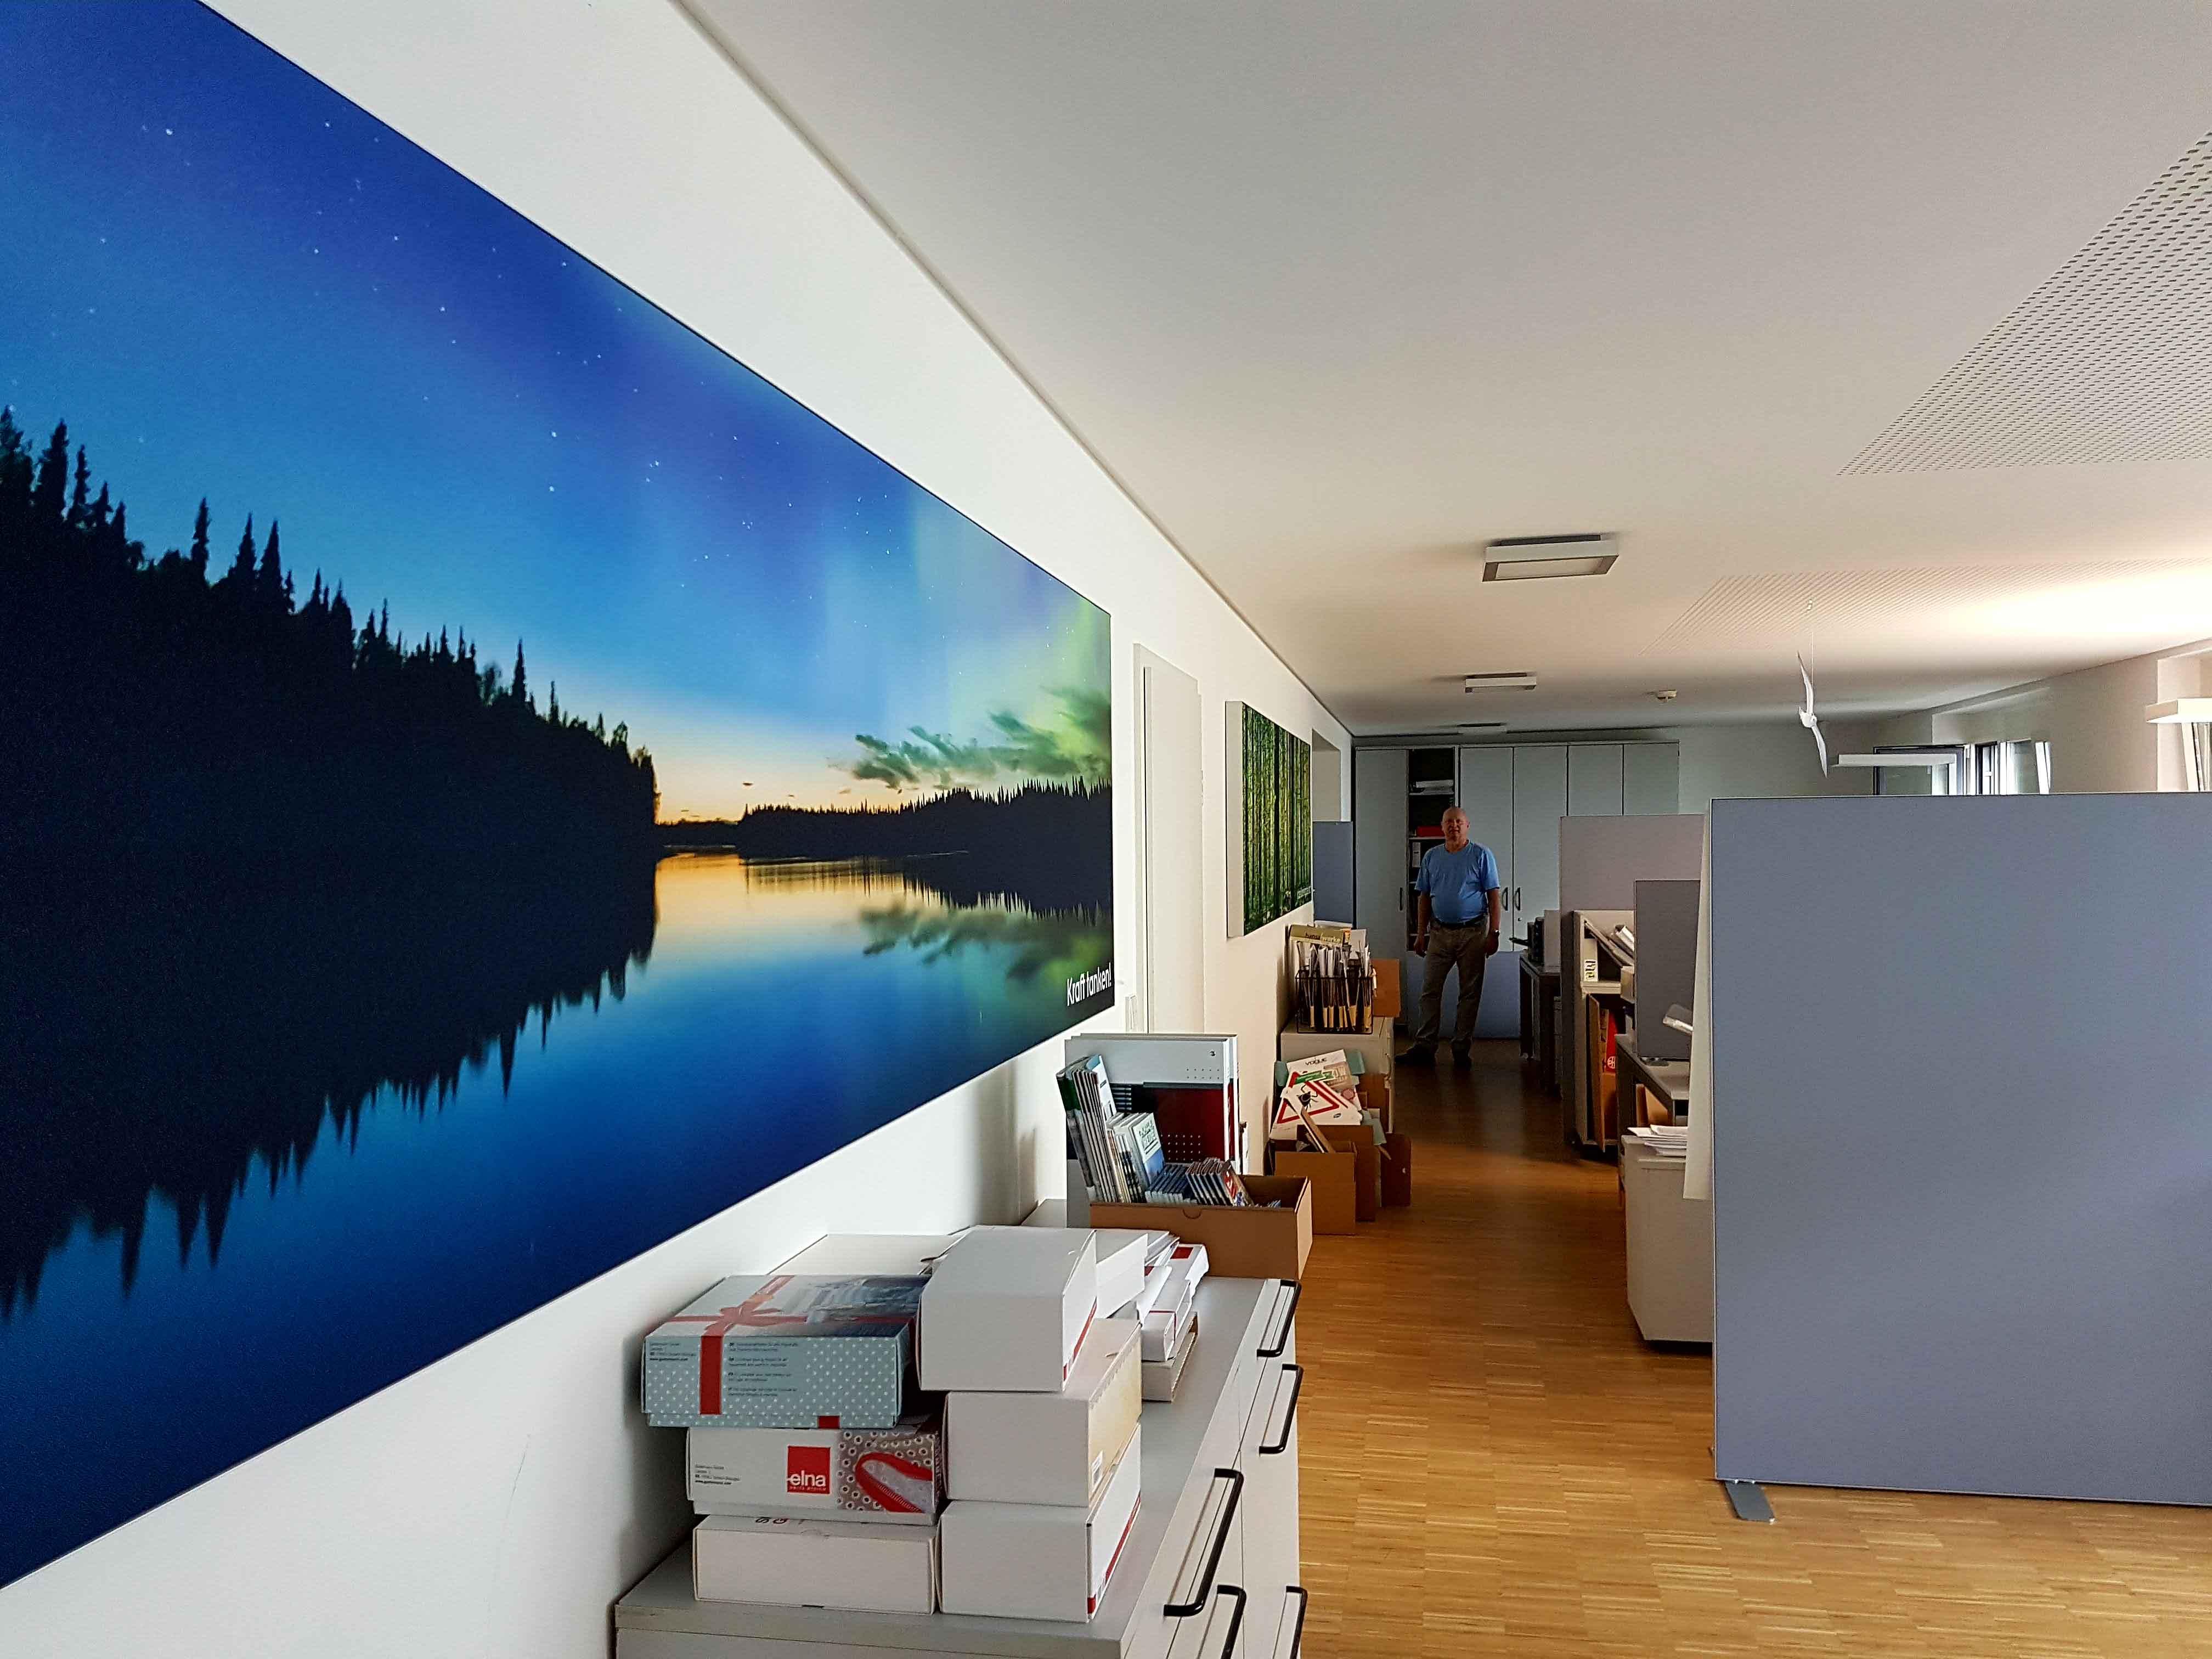 referenzen fotos akustik solutions. Black Bedroom Furniture Sets. Home Design Ideas